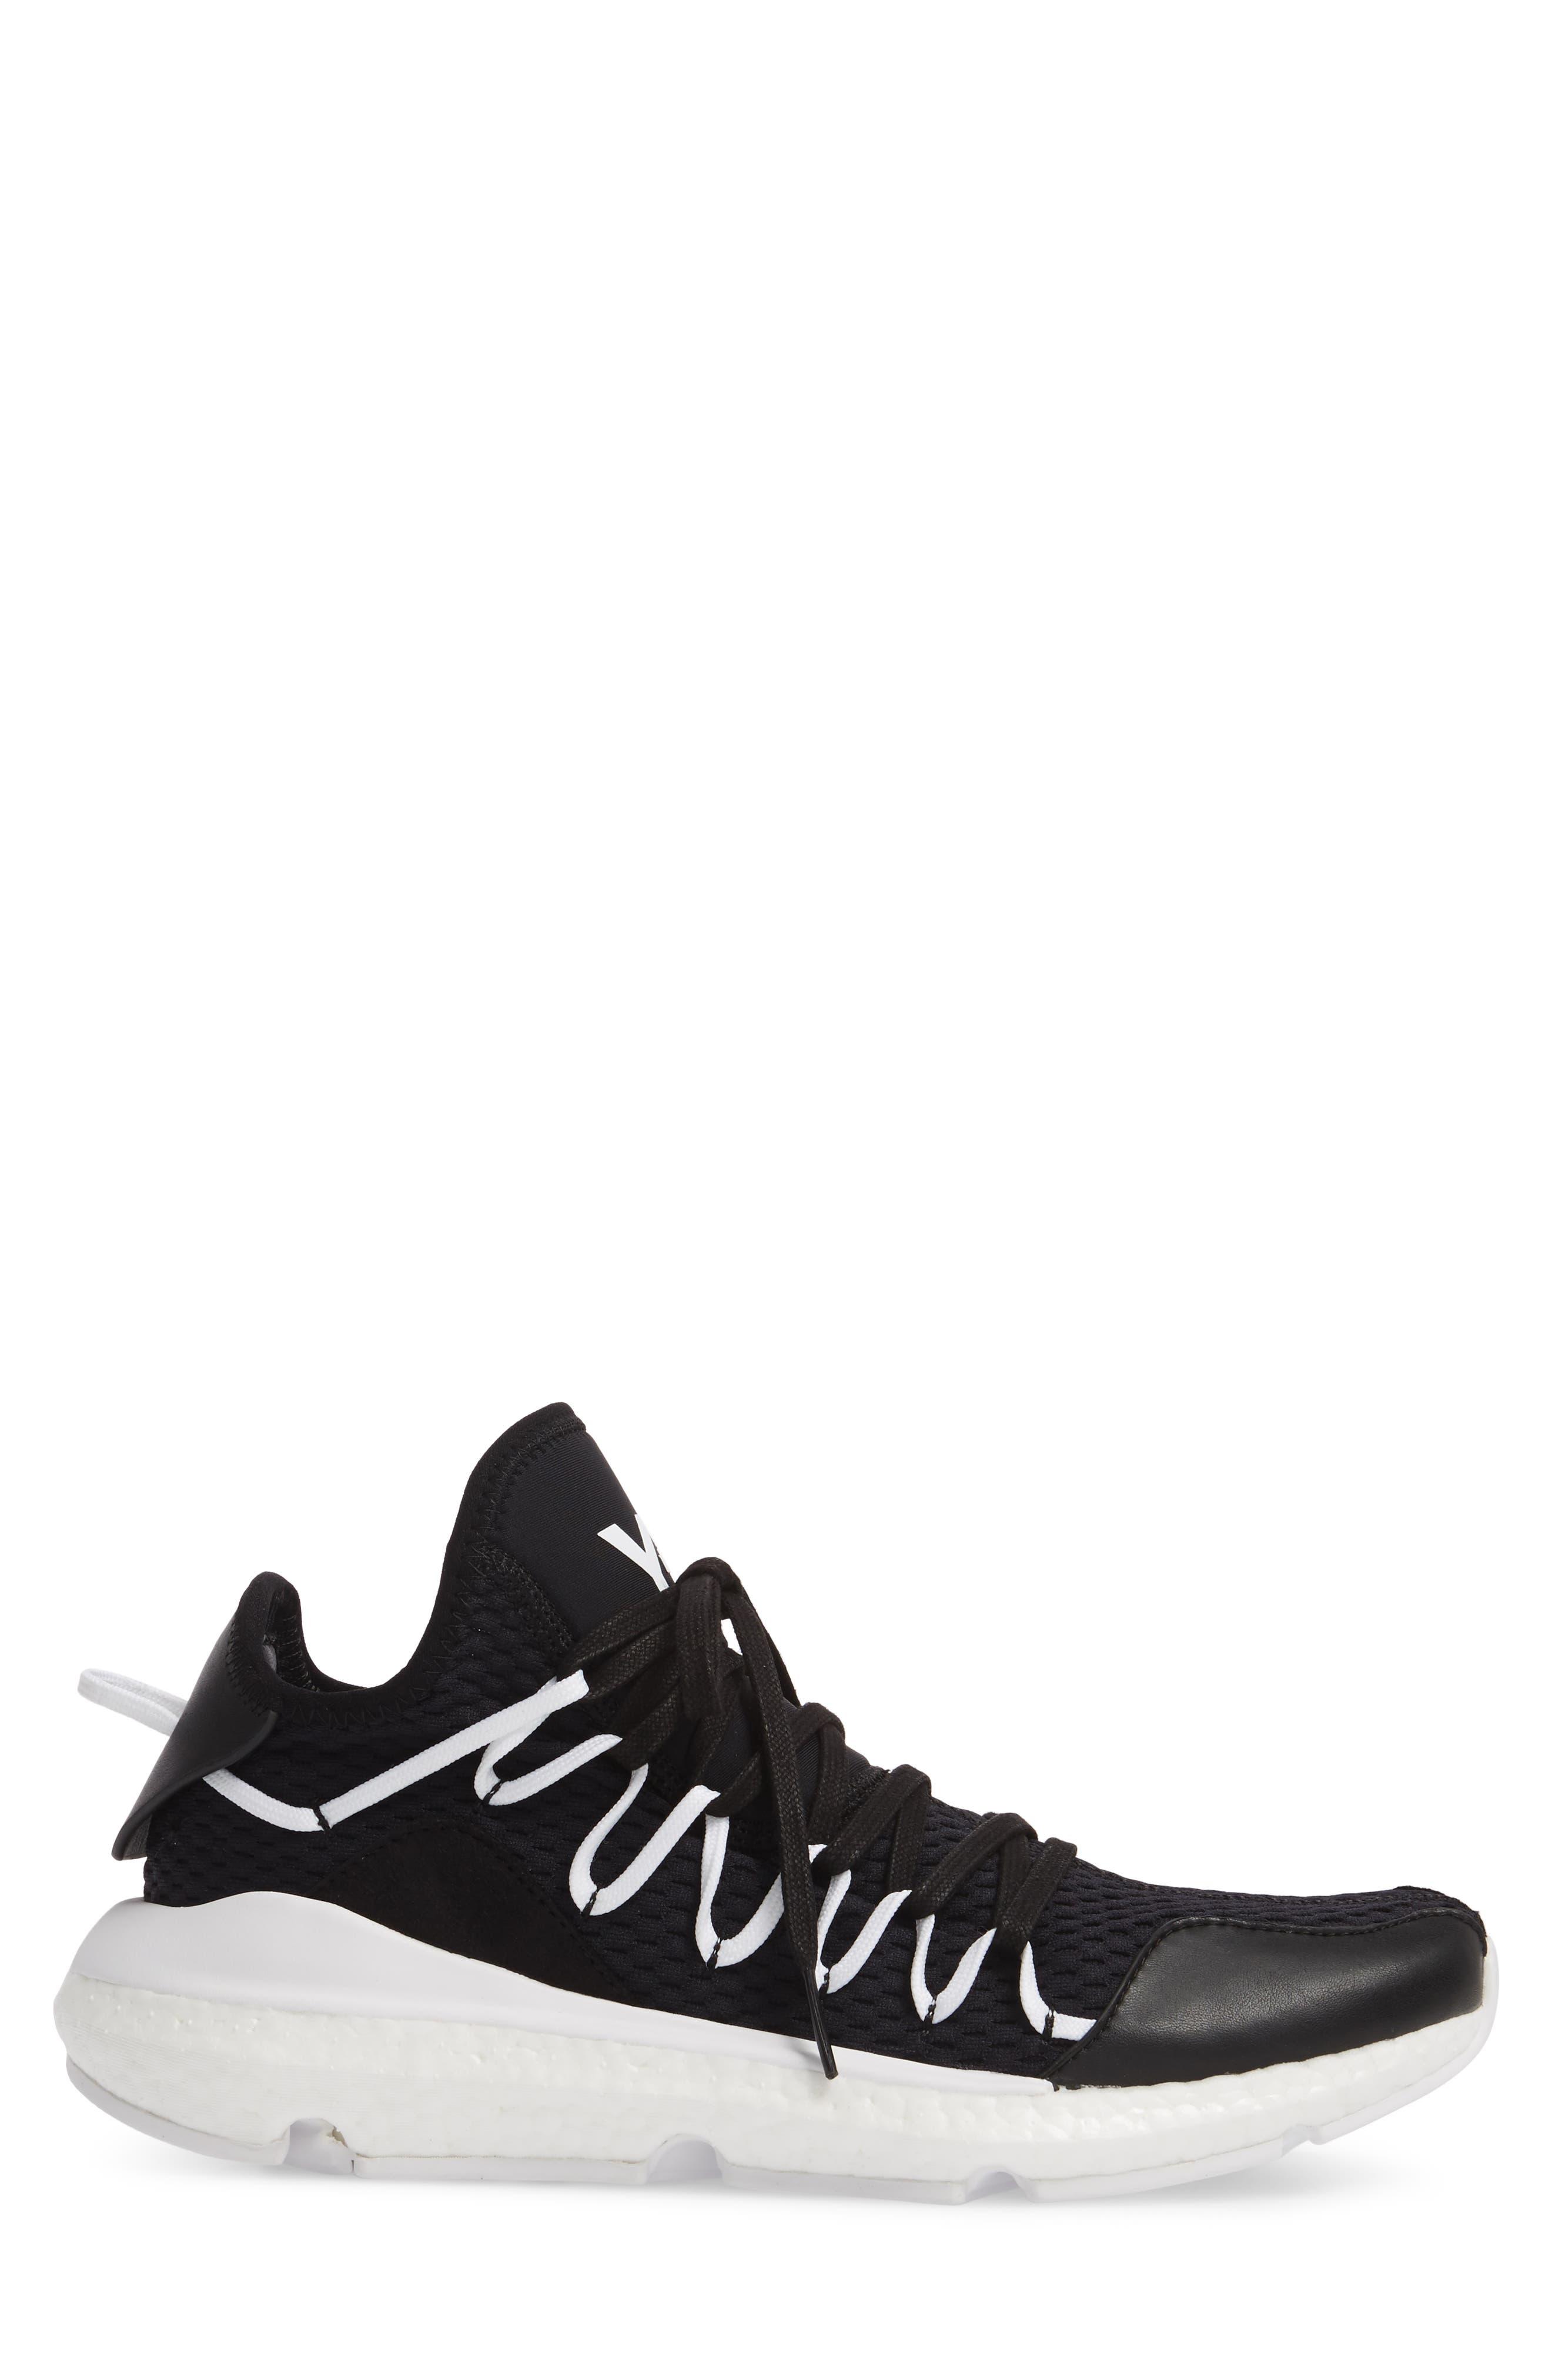 x adidas Kusari Sneaker,                             Alternate thumbnail 3, color,                             Black